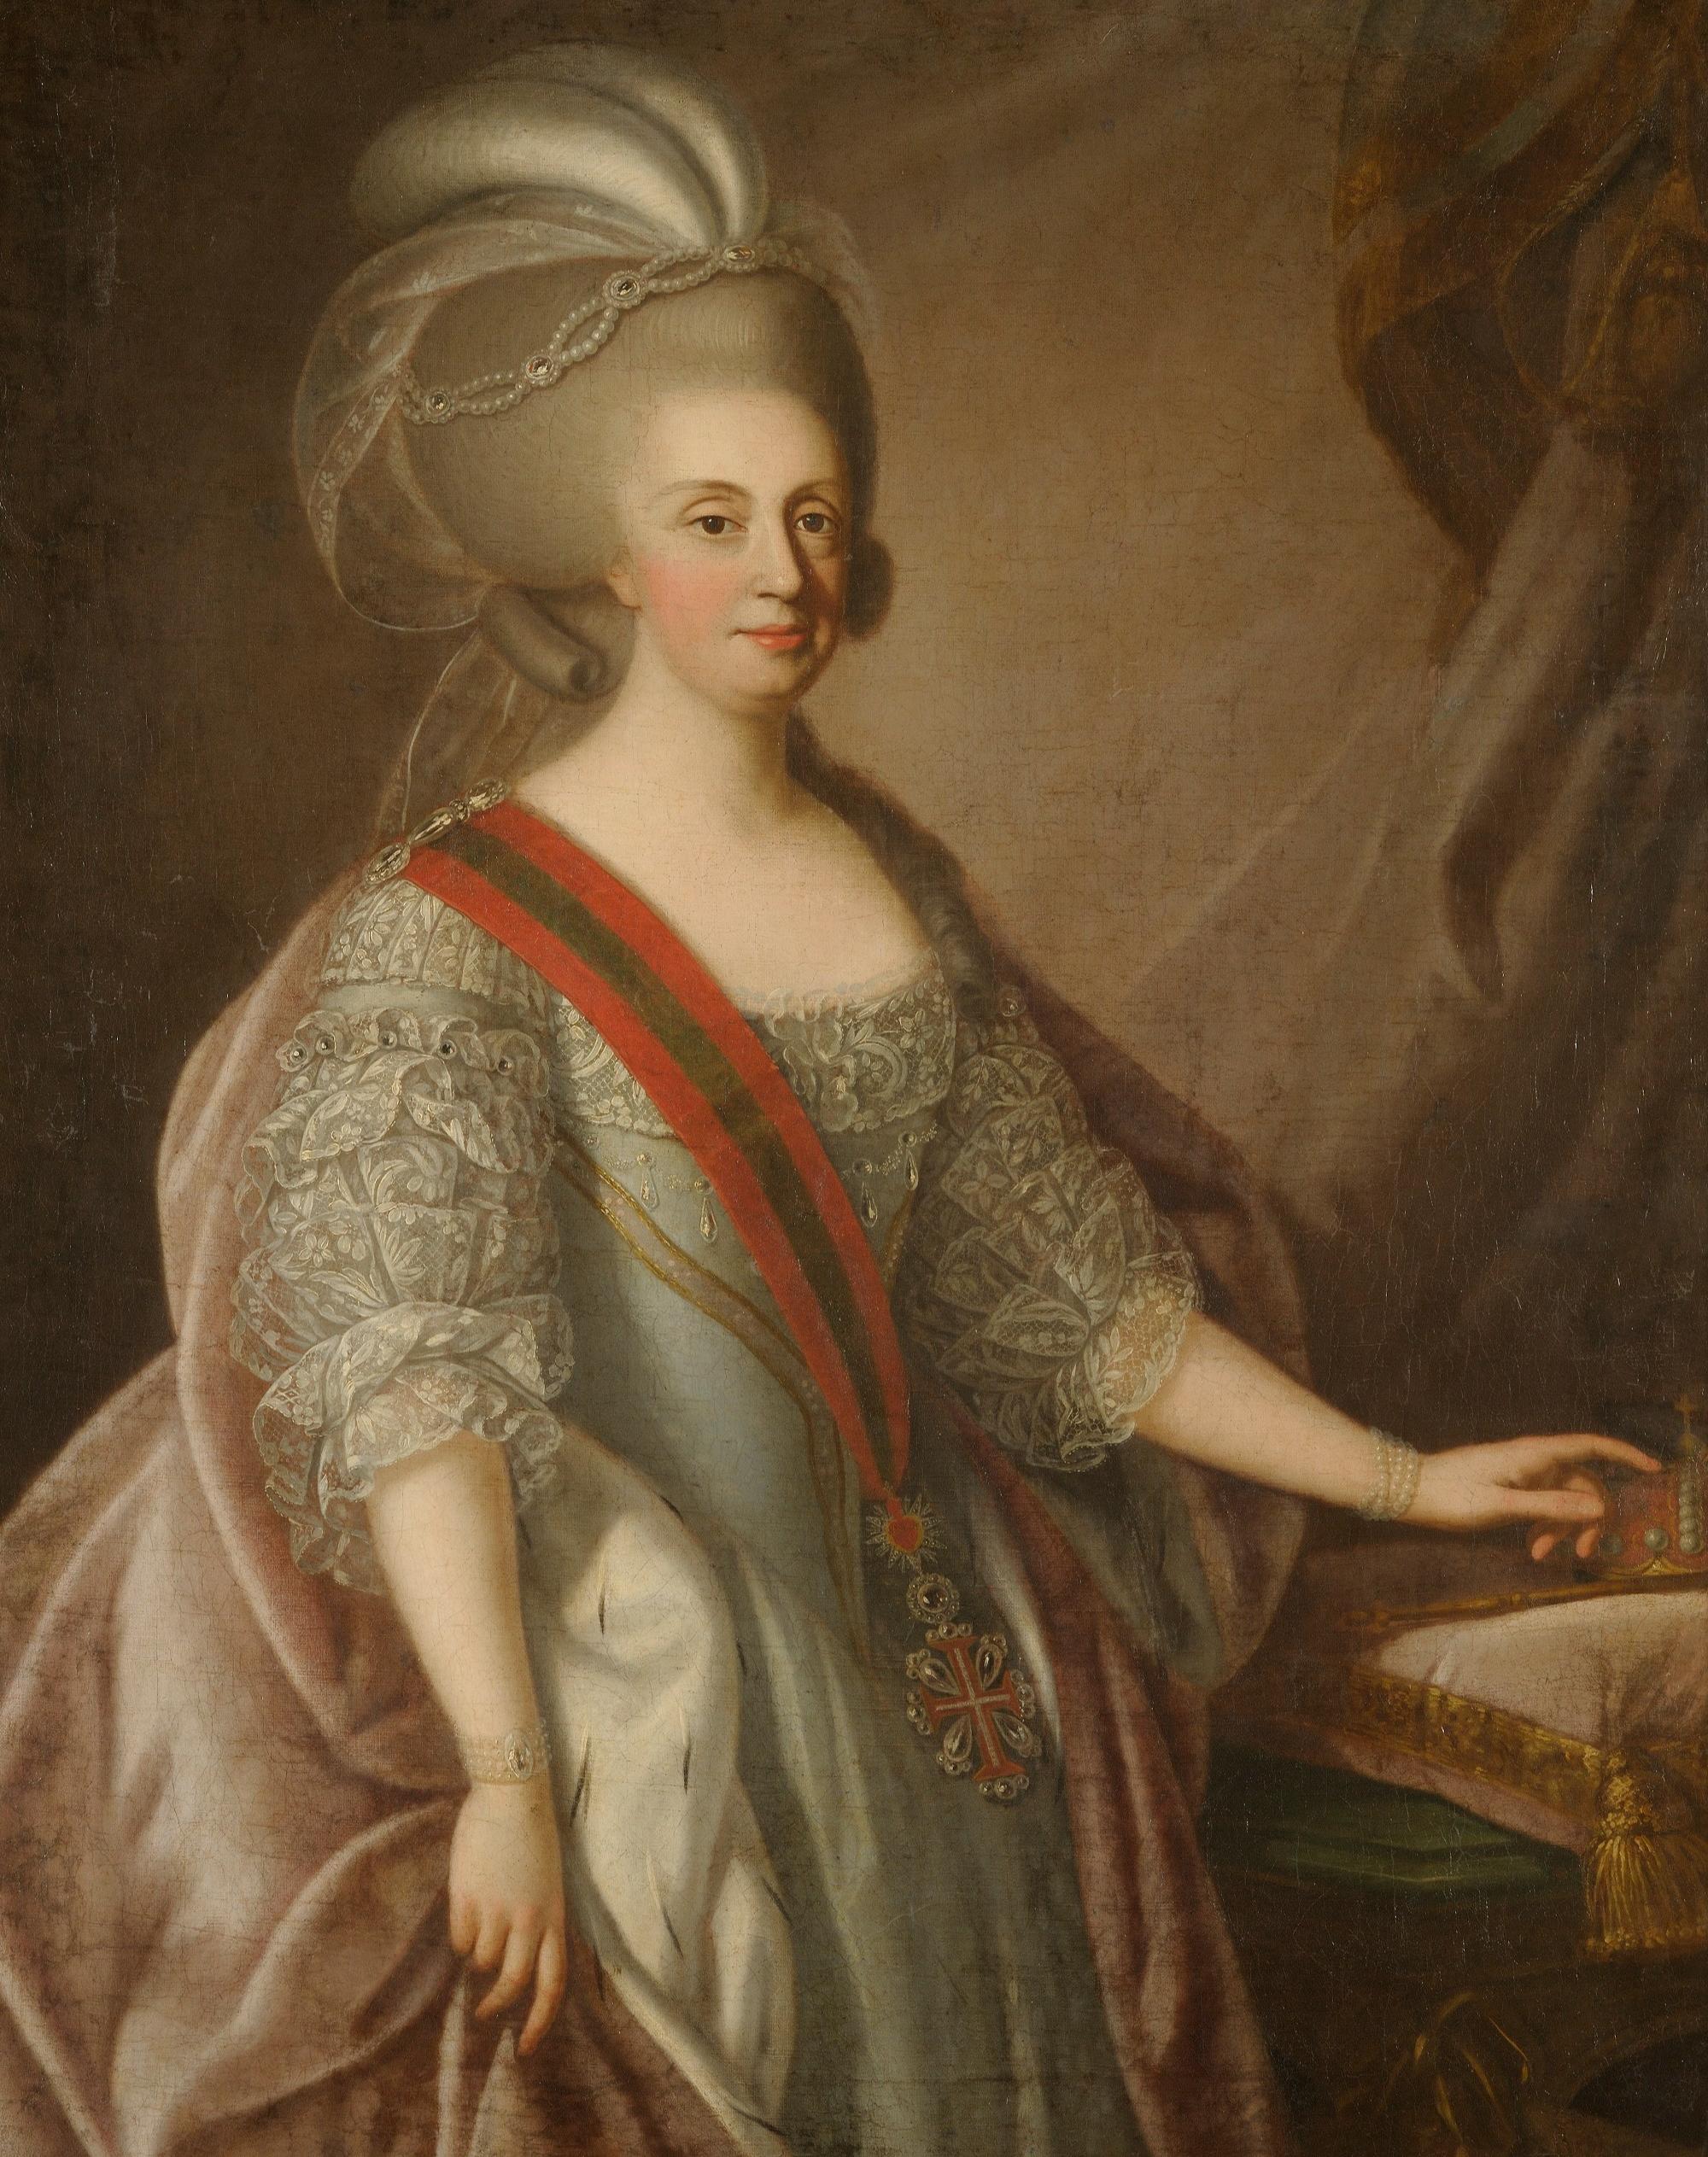 Reinado de D. Maria I. 1777-1816.